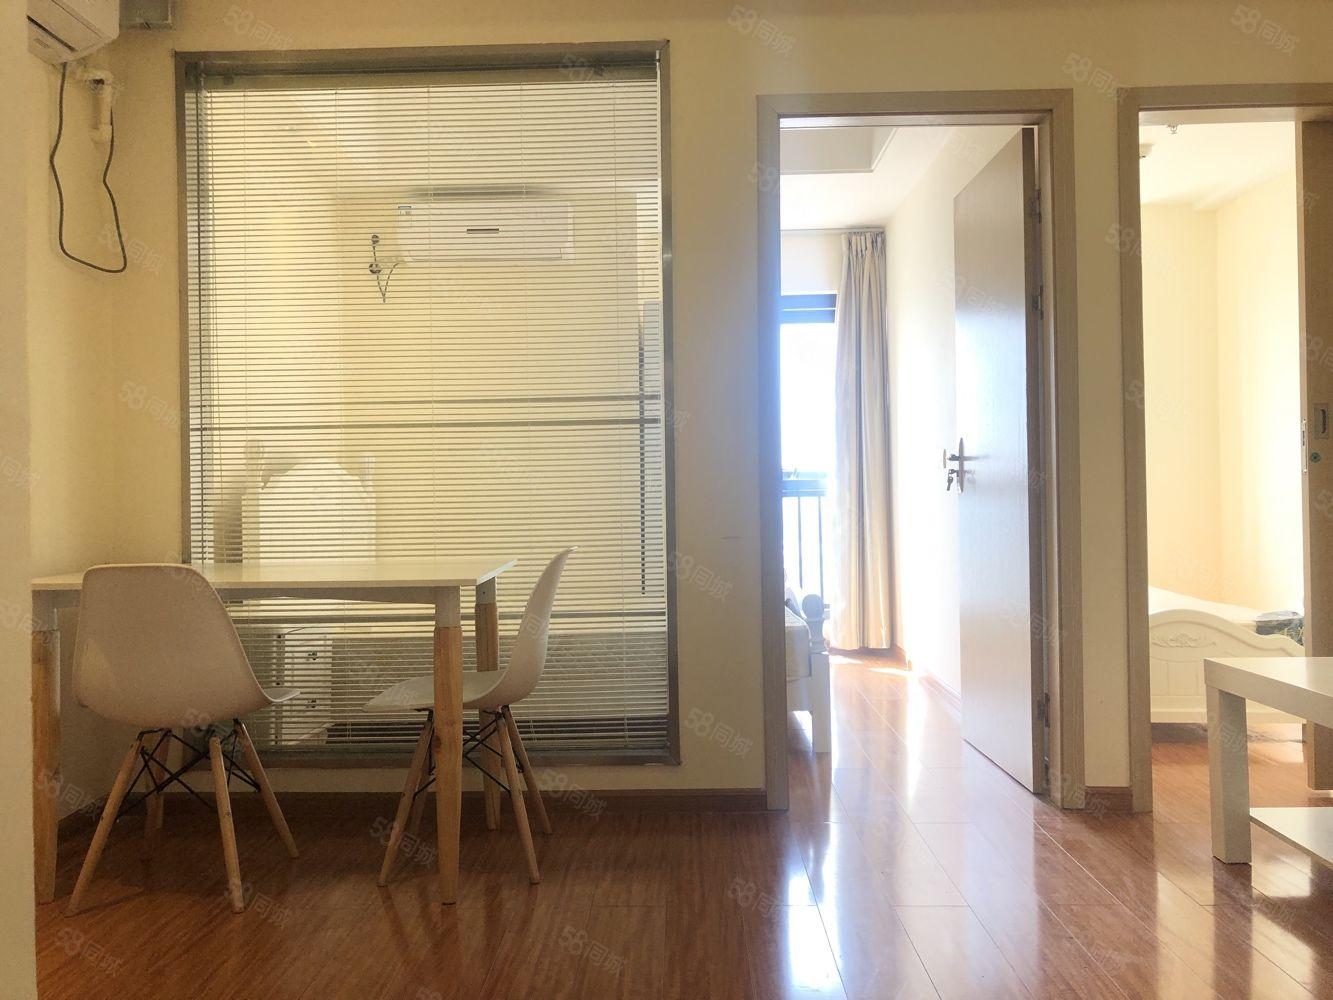 上虞萬達精裝小兩室可做一室客廳帶儲藏室家具家電齊全拎包入住